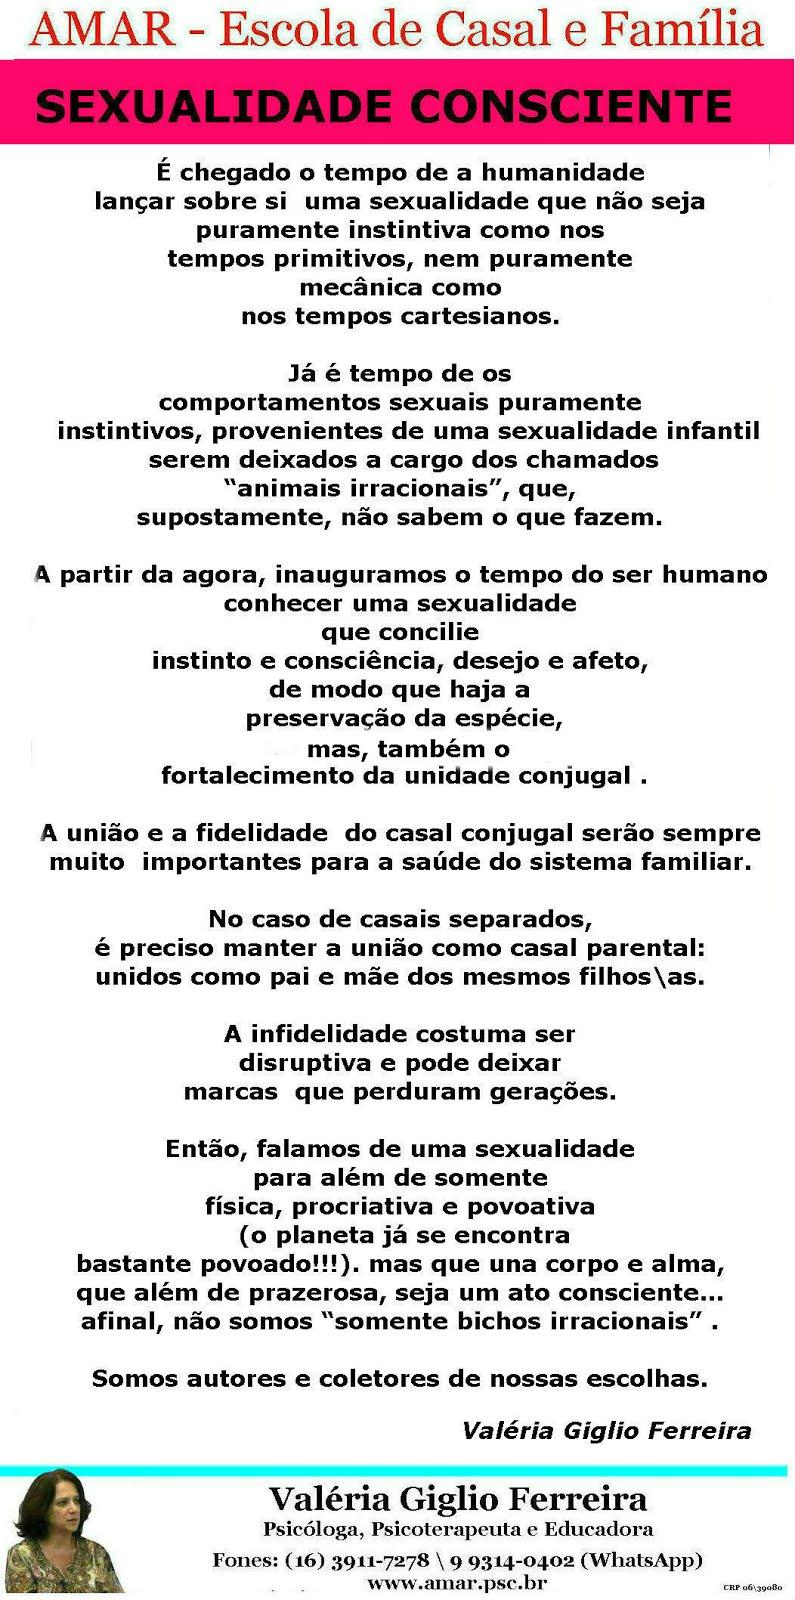 A SEXUALIDADE CONSCIENTE DO TERCEIRO MILÊNIO